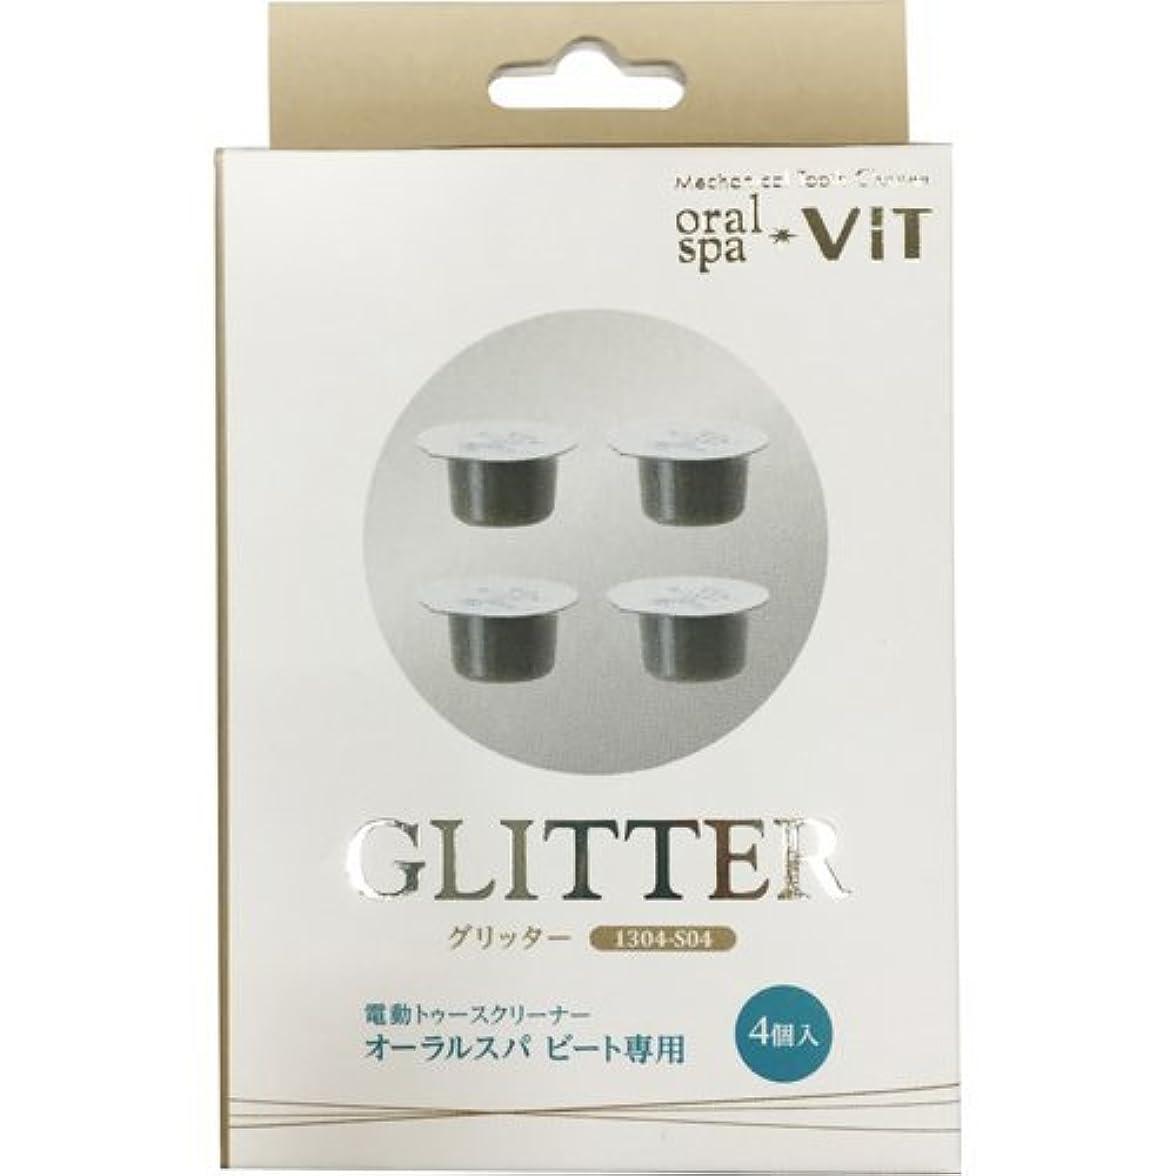 ギャラントリーゴミ箱を空にする満足電動トゥースクリーナー oral spa VIT(オーラルスパビート)専用グリッター スペアミント 4個入